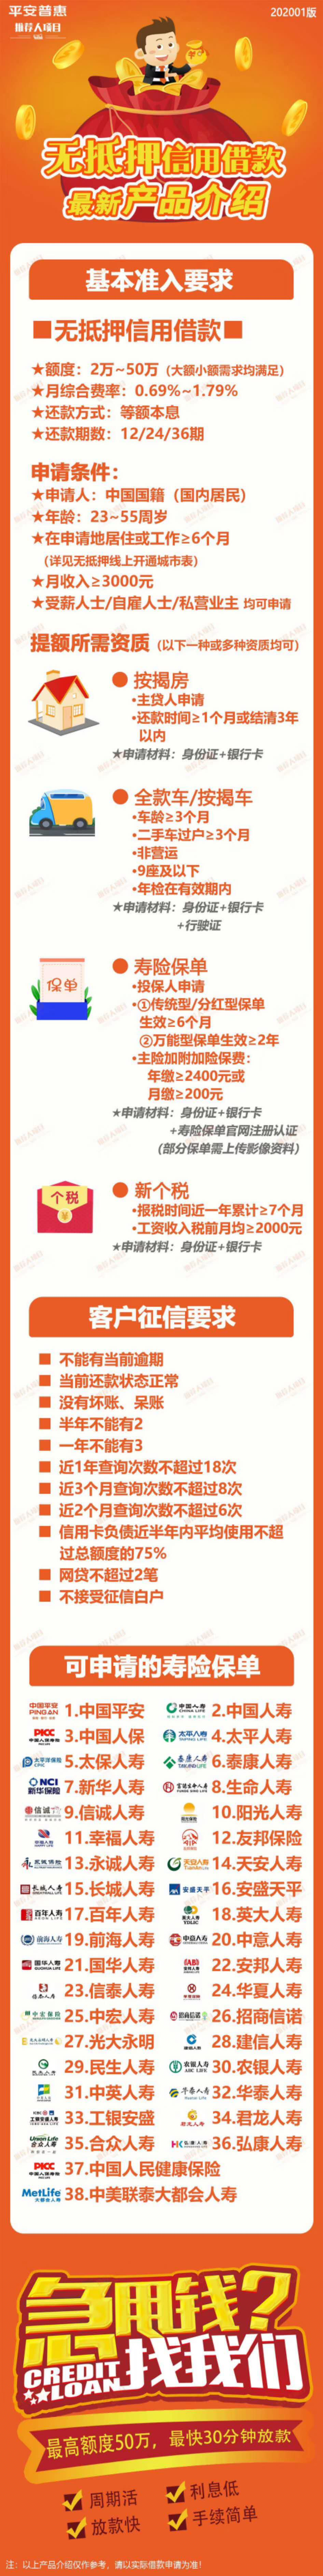 平安普惠易贷产品介绍